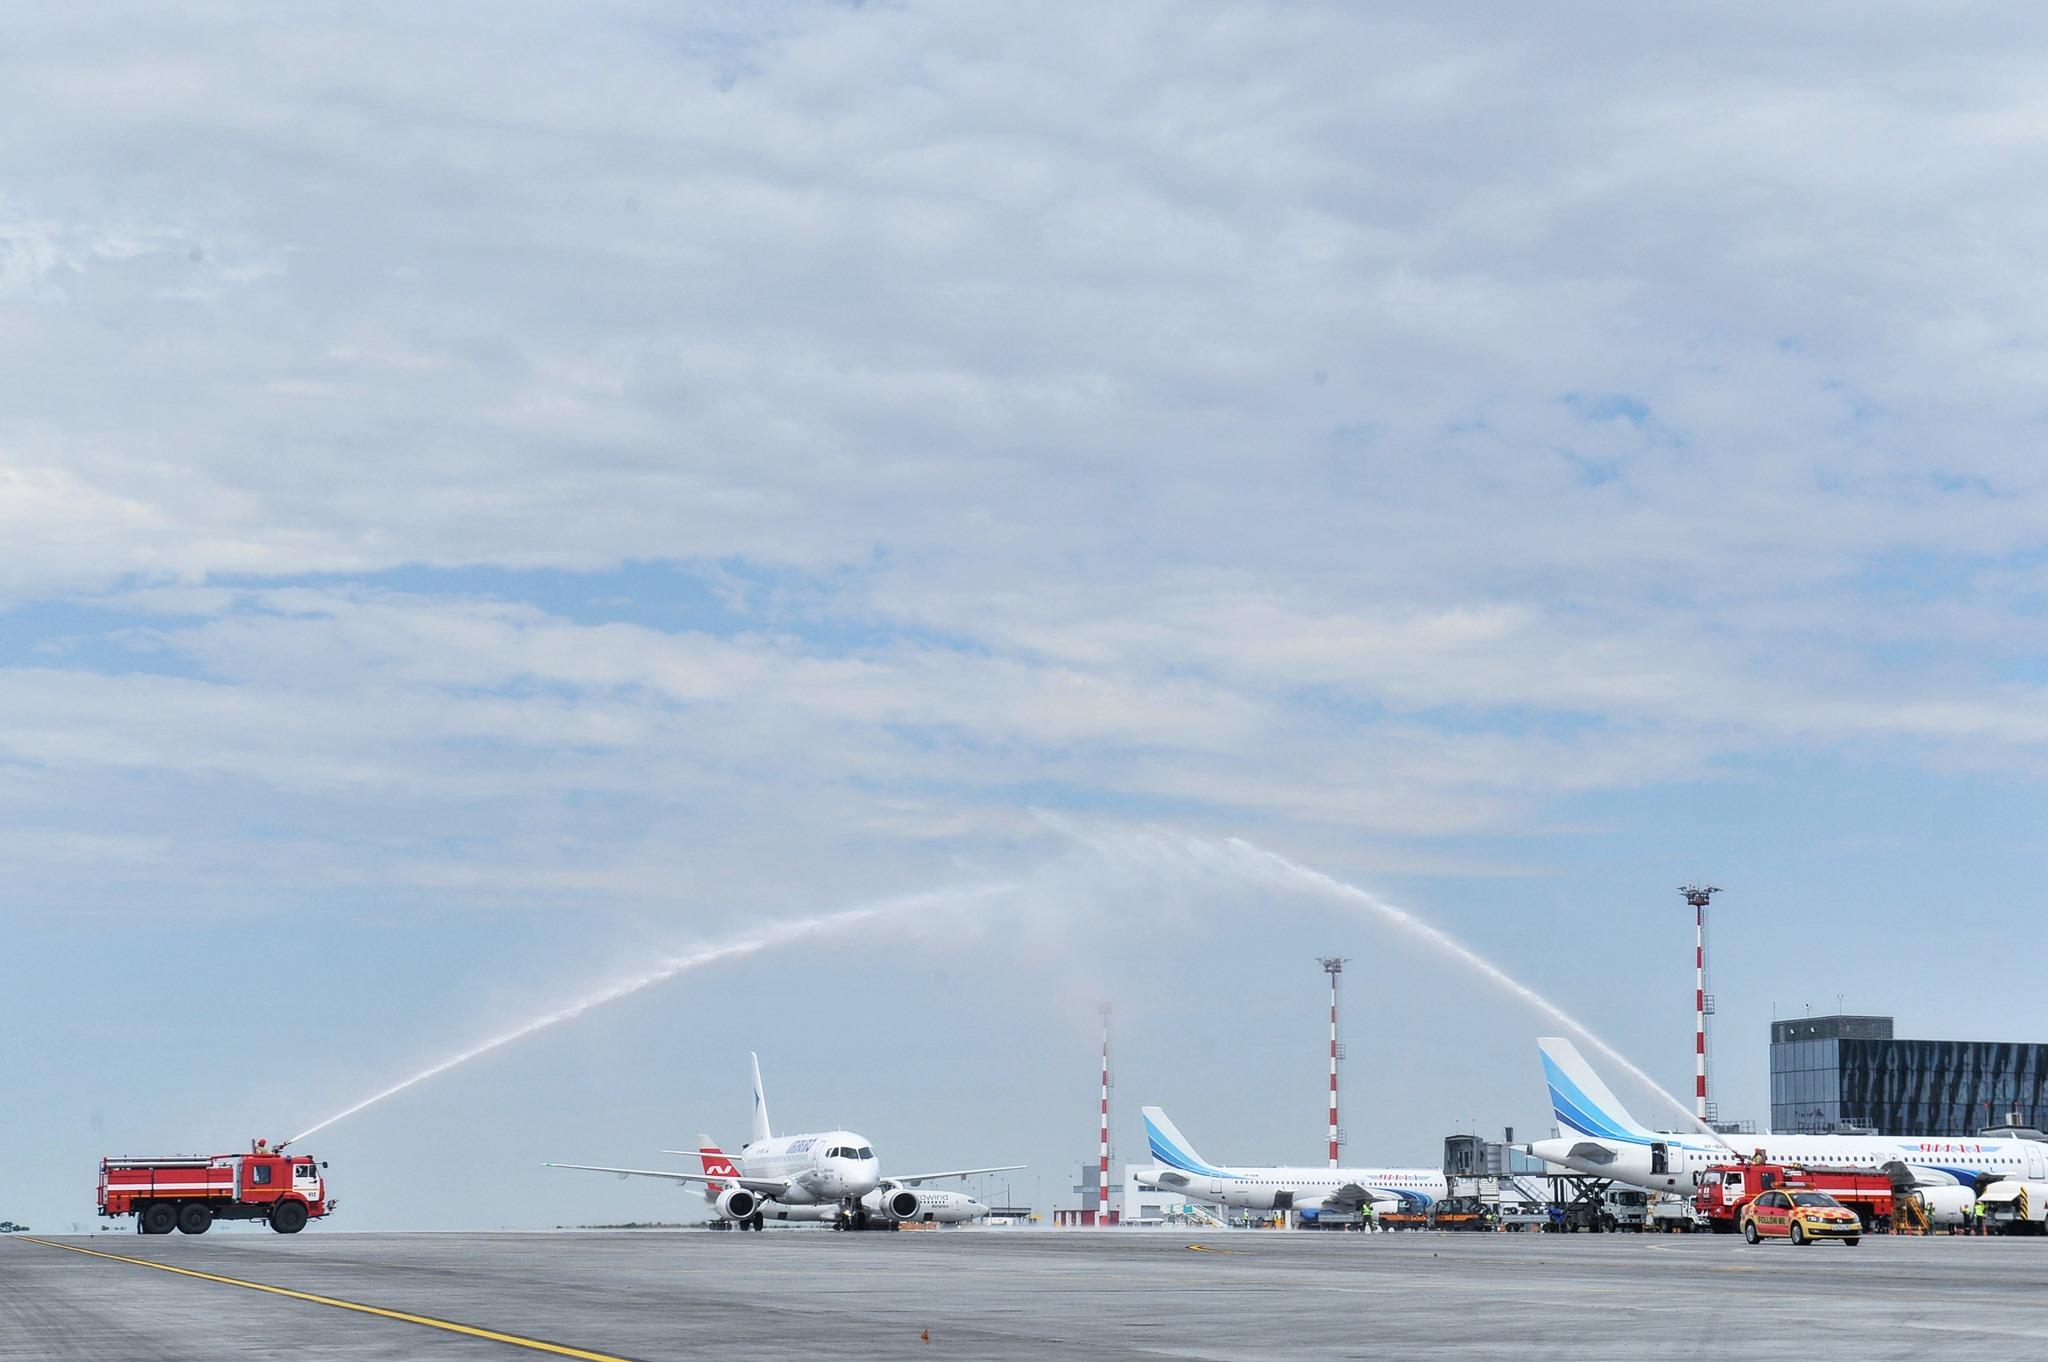 Первый рейс новой авиакомпании в аэропорту Симферополя встретили водной аркой